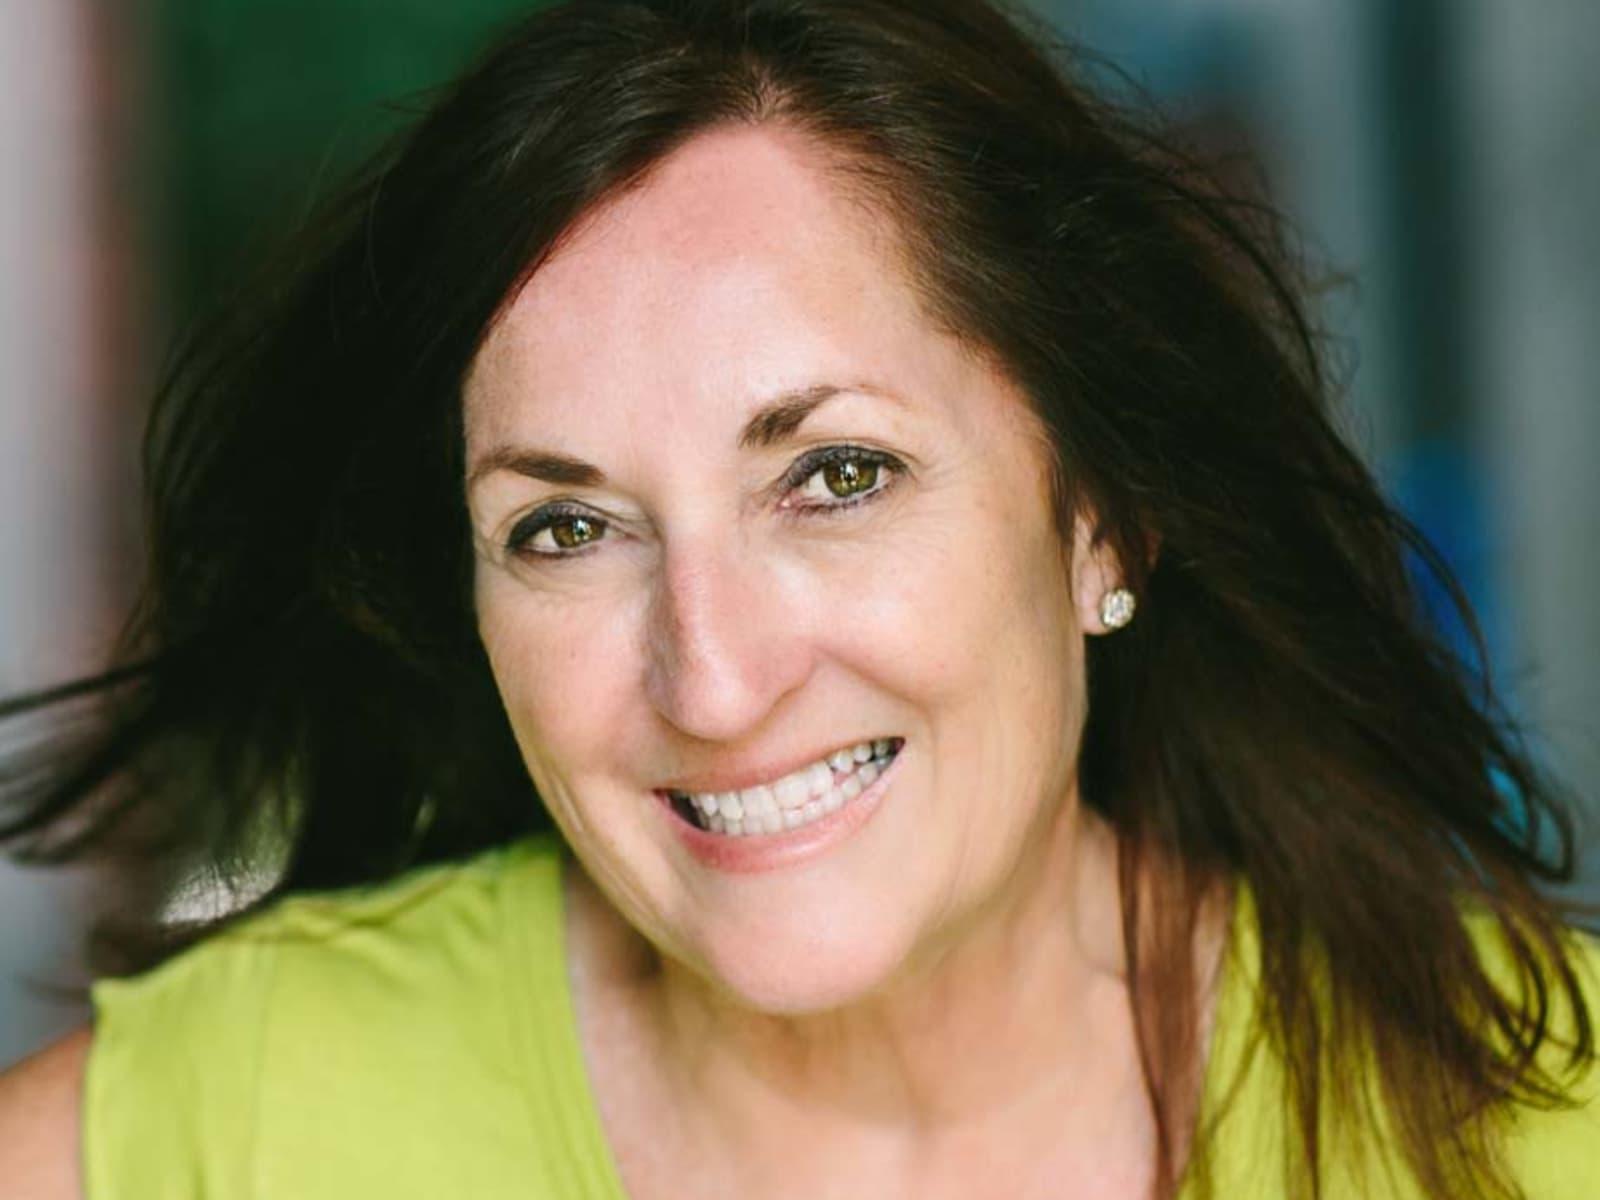 Sandra from Walnut Creek, California, United States